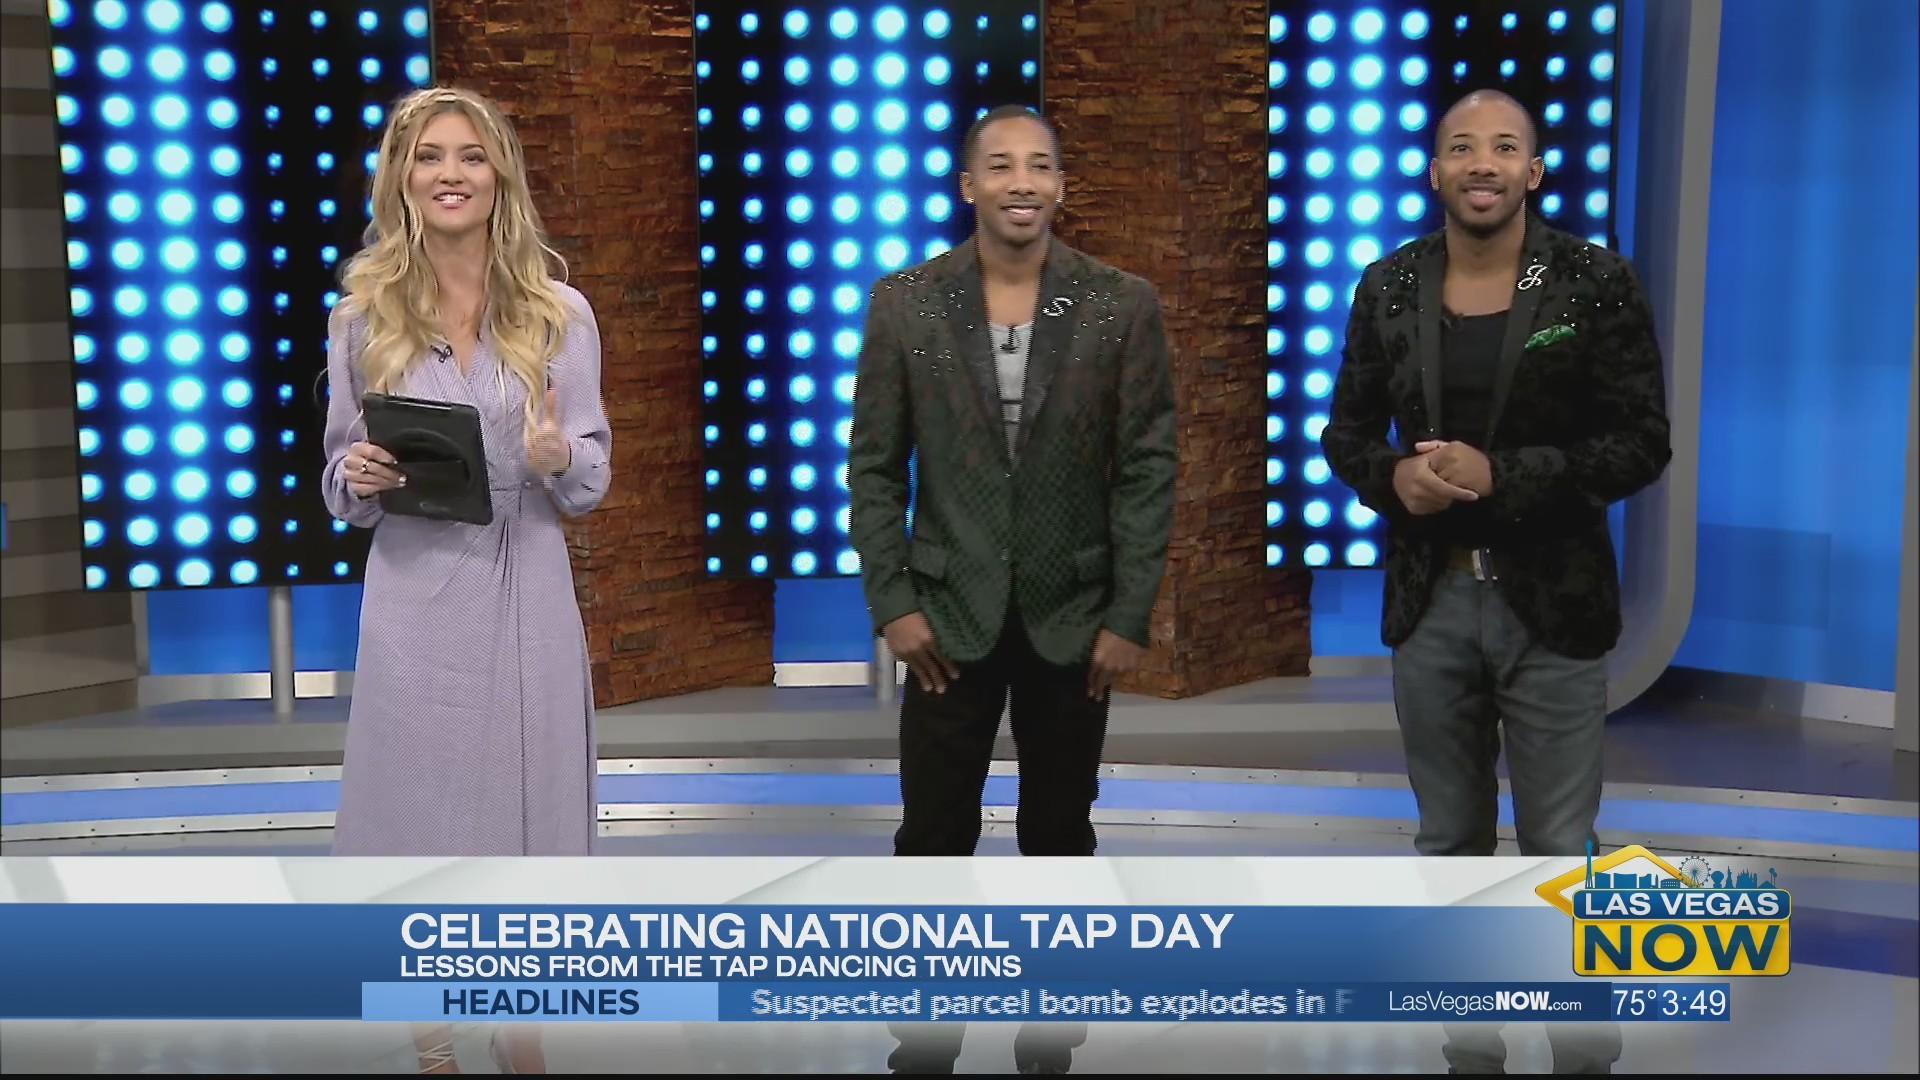 Celebrating National Tap Day